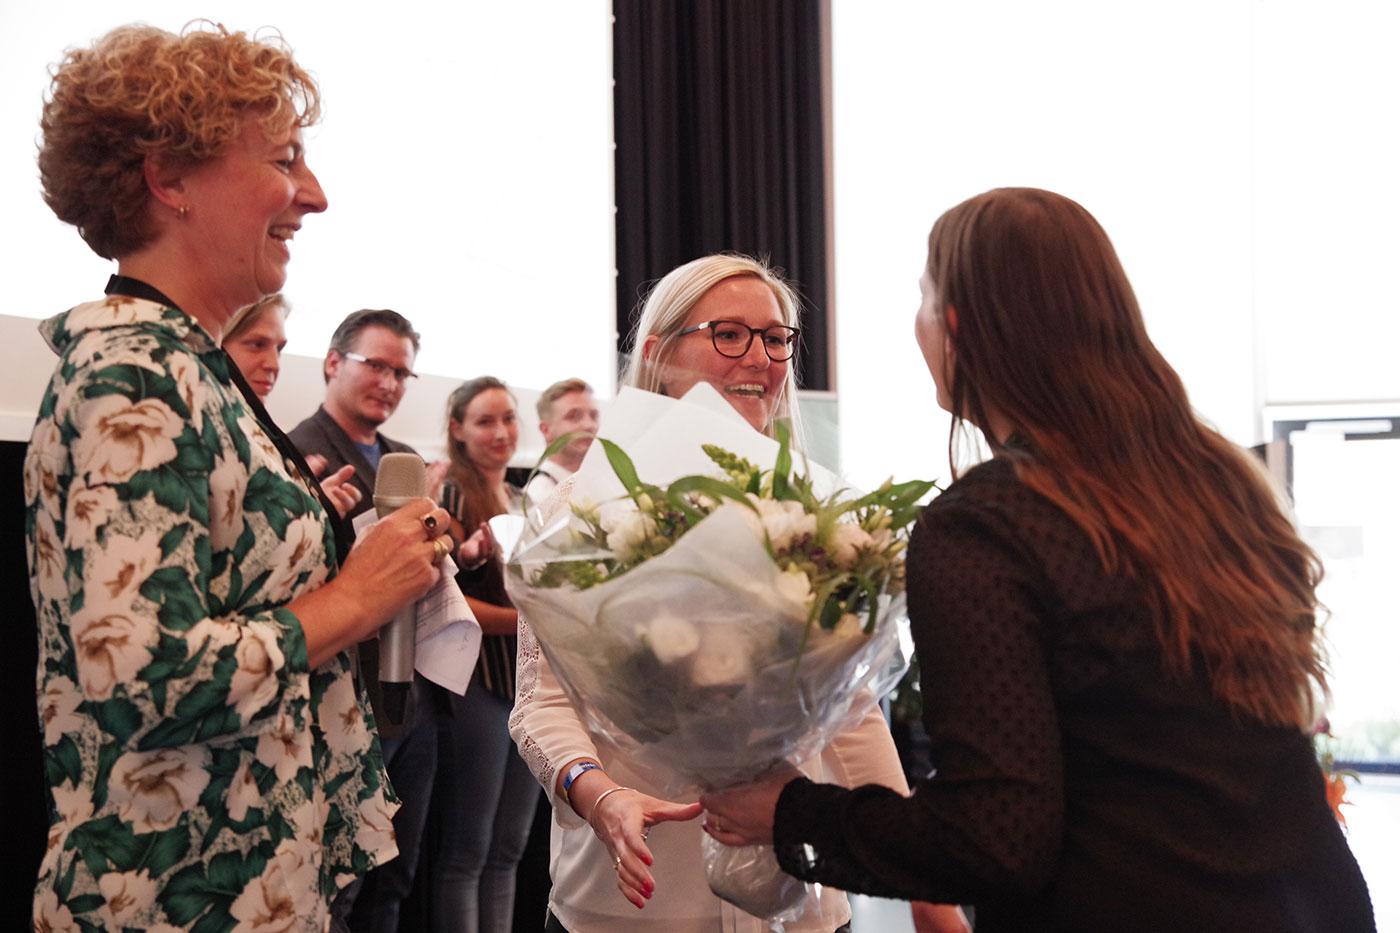 Stine Hummelgaard fik overrakt blomster og diplom for sin flotte 2. plads i konkurrencen Årets Erhvervsakademipraktik 2018.